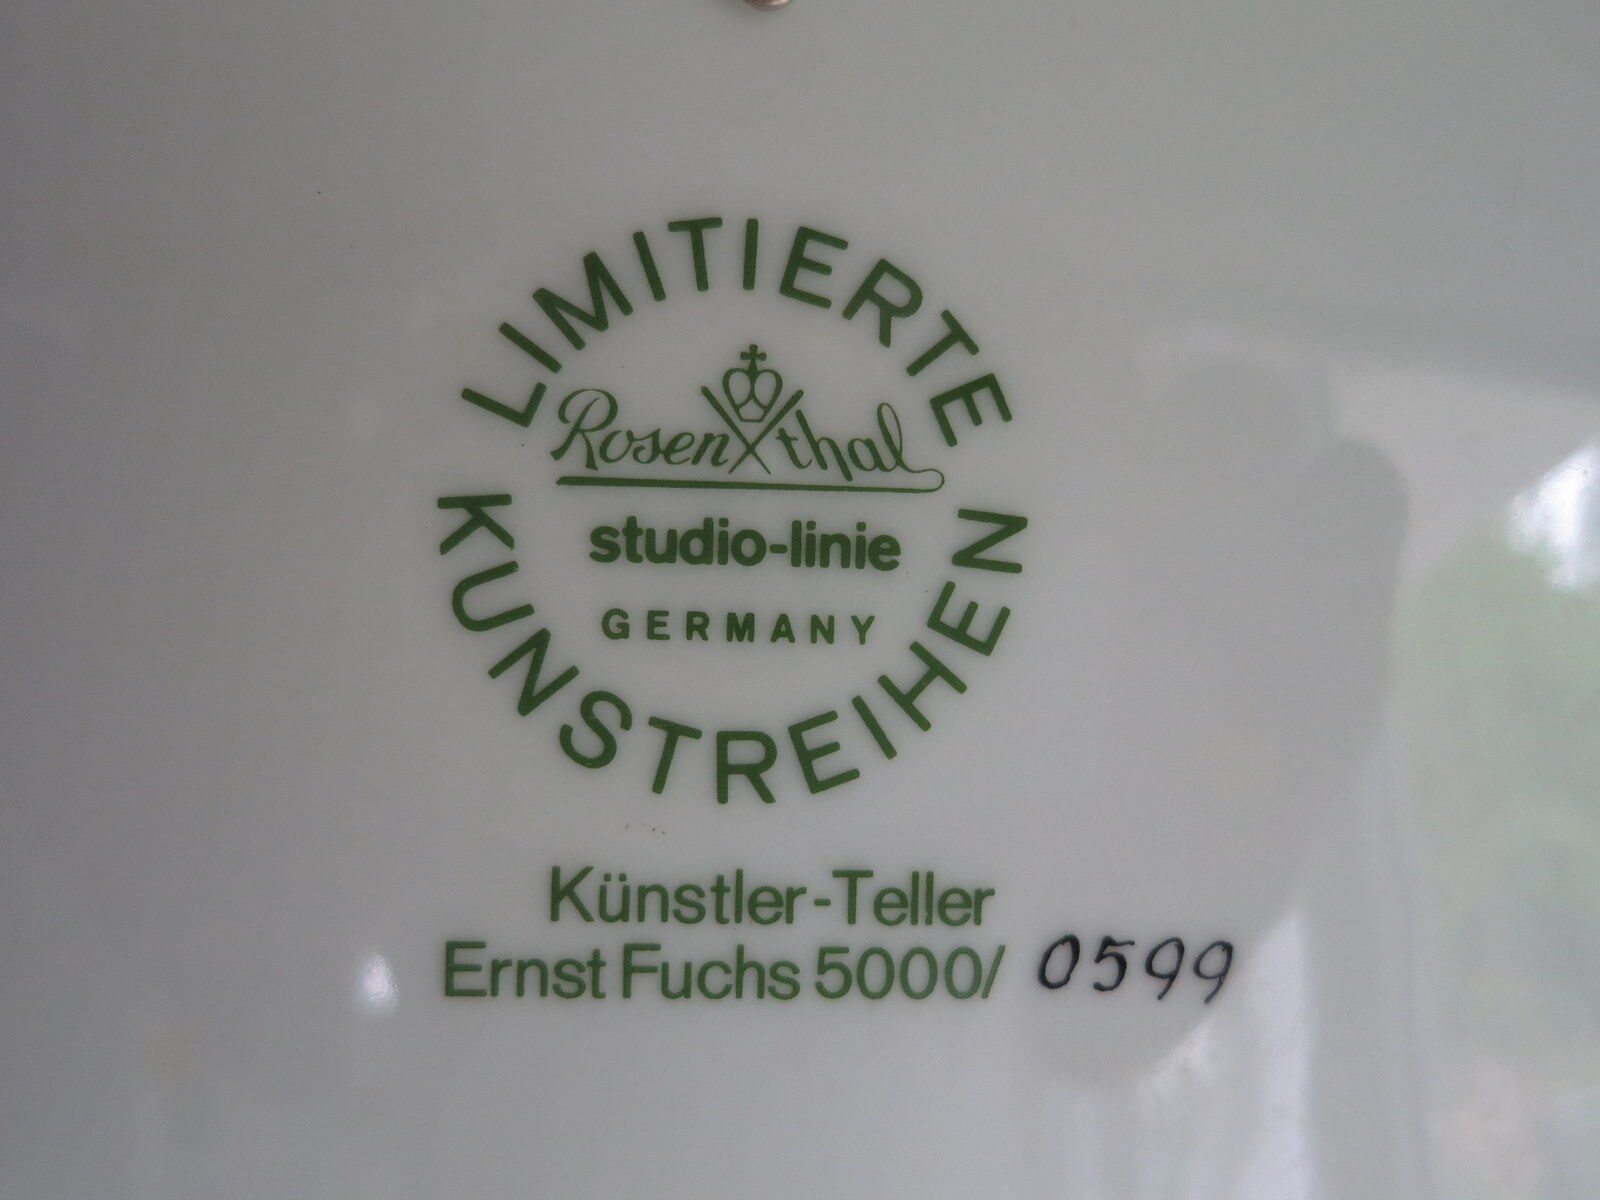 Rosanthal KÜNSTLERTELLER 17 Ernst Ernst Ernst Fuchs Kunst ist die Versenkung in die  OVP   Hohe Sicherheit  6da623